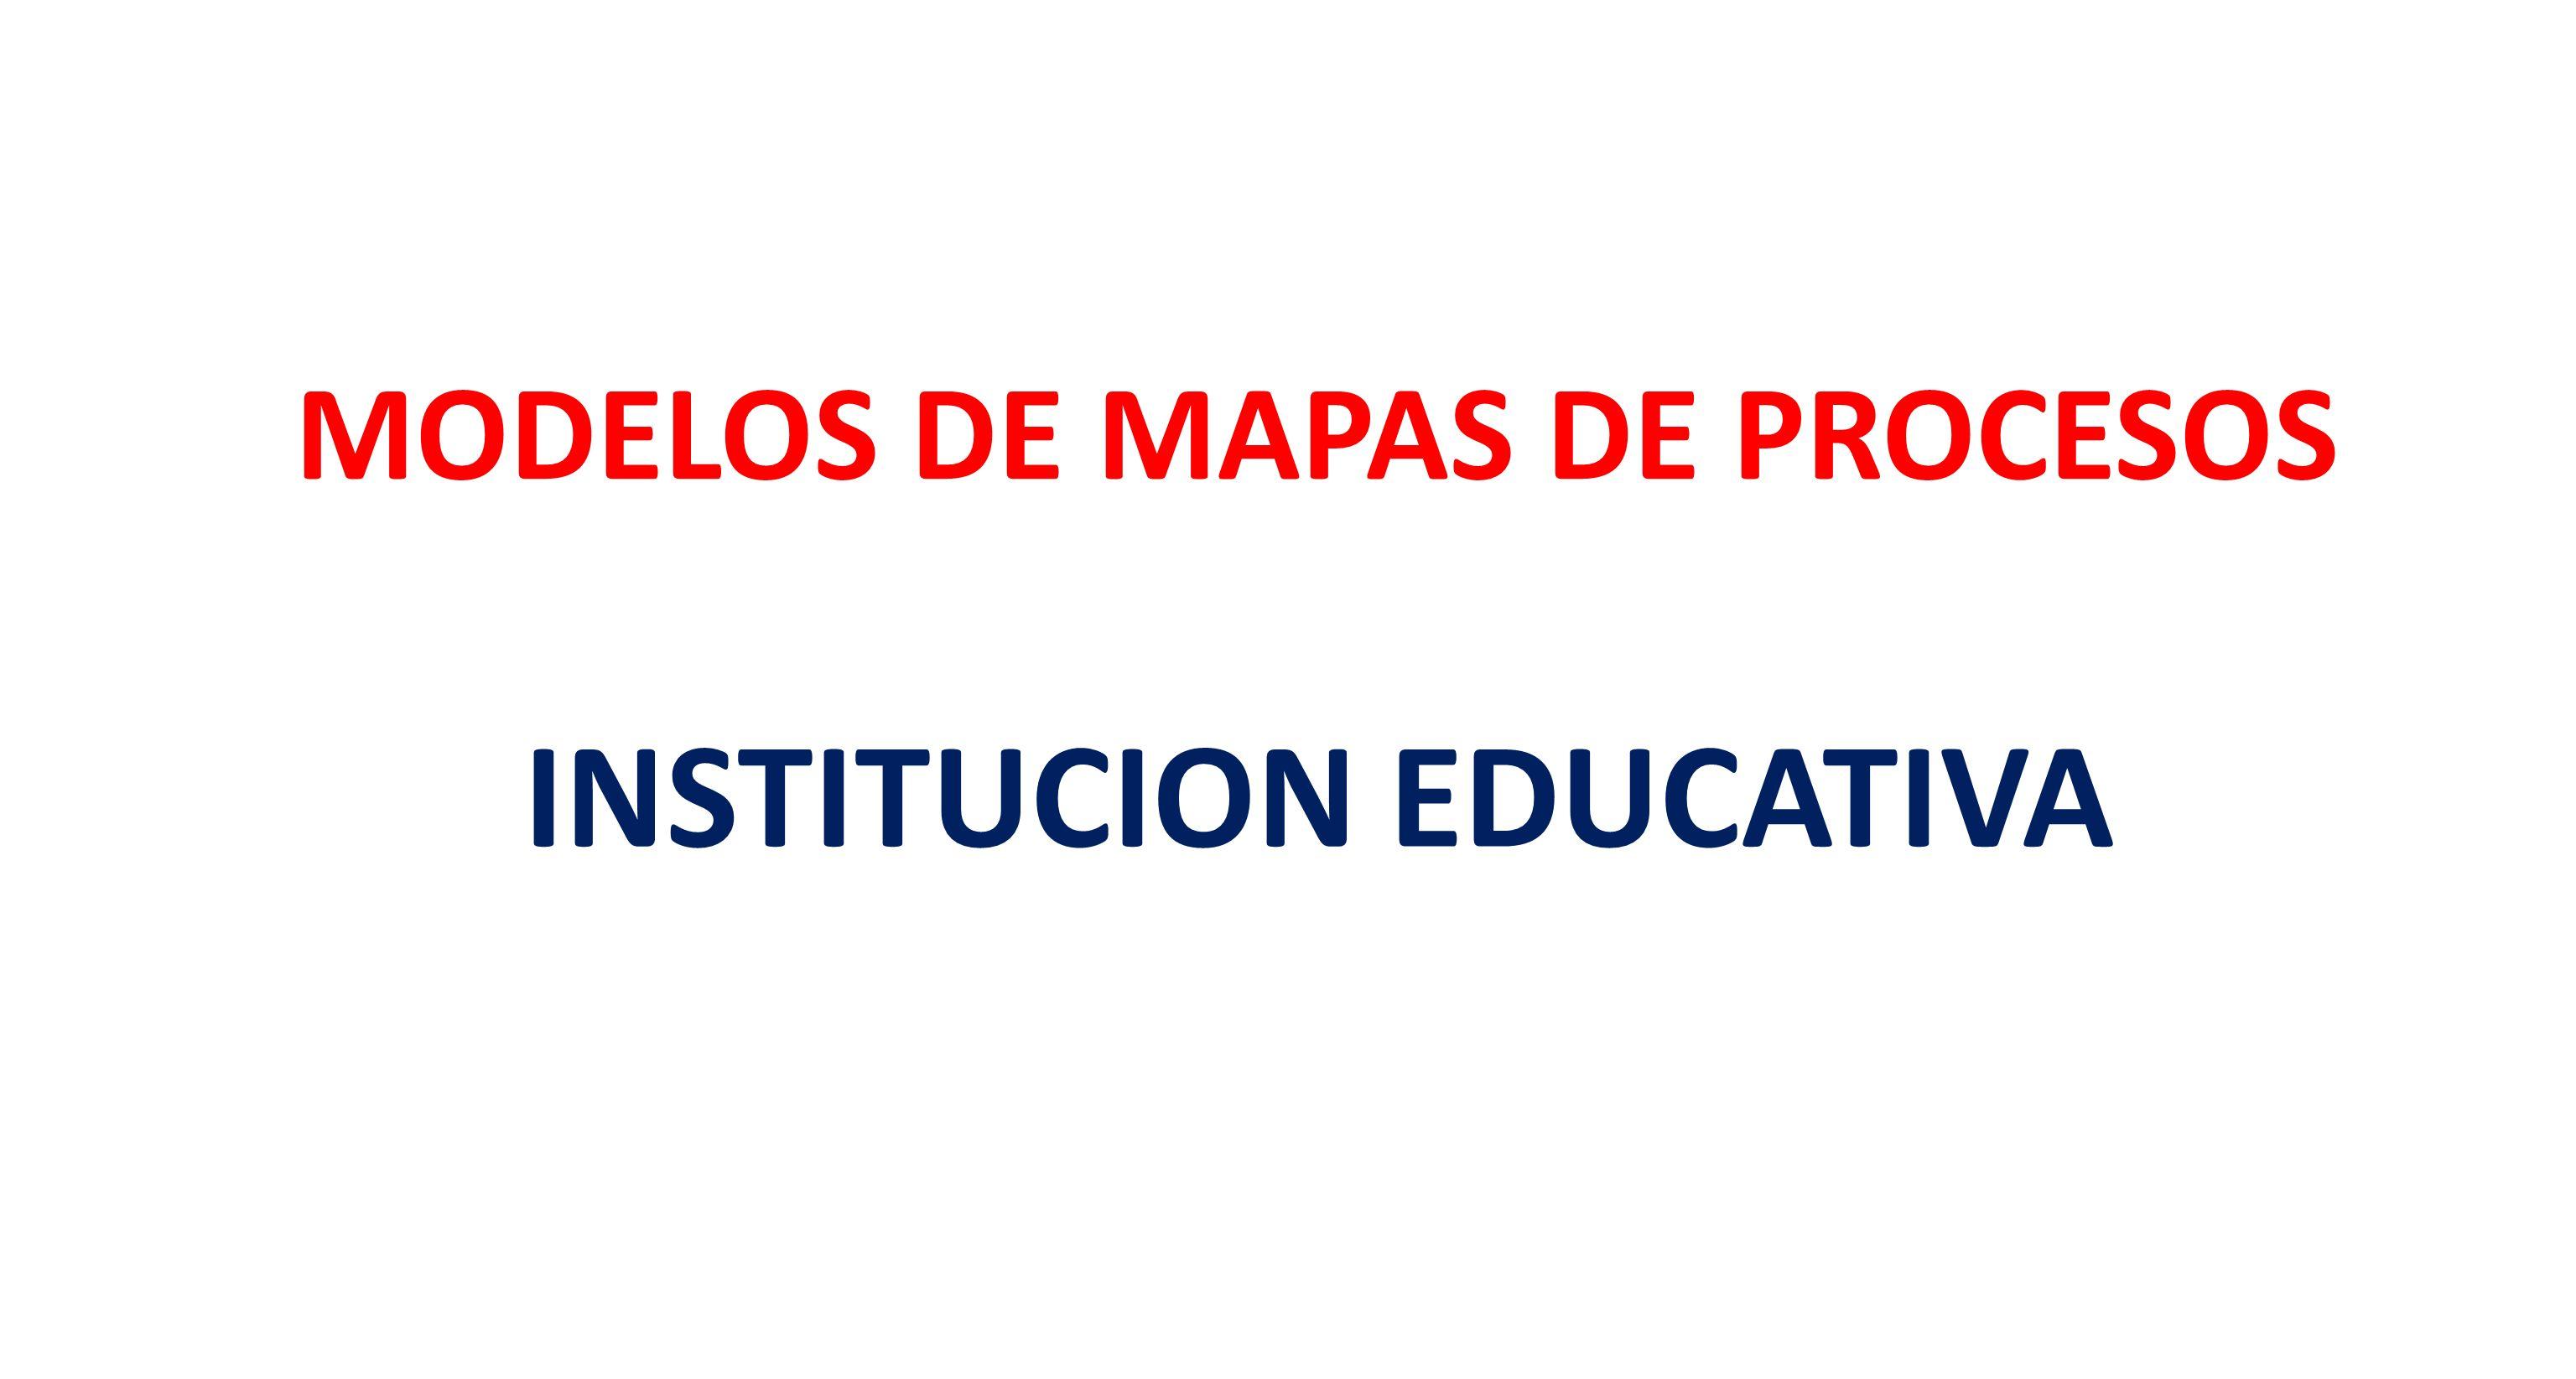 MACROPROCESO DE COMUNICACIÓN PÚBLICA COMUNICACIÓN INFORMATIVA COMUNICACIÓN ORGANIZACIONAL MACROPROCESO DE COMUNICACIÓN PÚBLICA Objetivo: Fortalecer la identidad institucional de la Administración Central del Municipio y la disposición organizacional para la apertura, la interlocución, la visibilidad en sus relaciones y los flujos de información con los públicos internos y externos, que contribuyan con la efectividad y transparencia de su gestión.